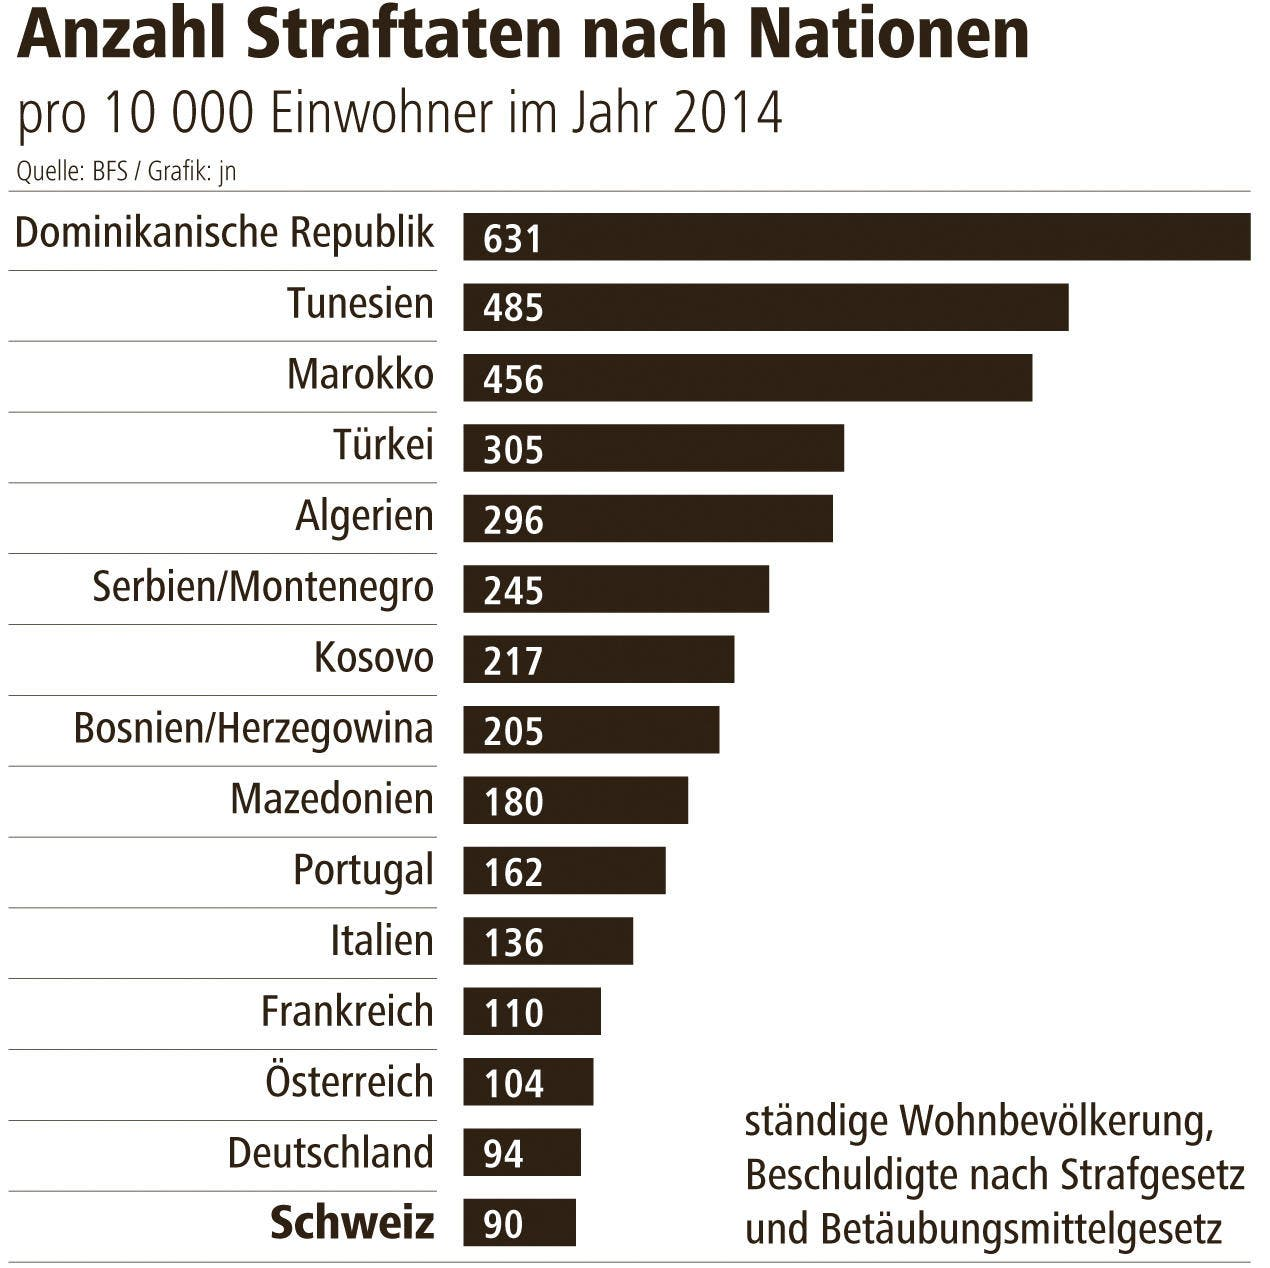 Anzahl der morde in deutschland